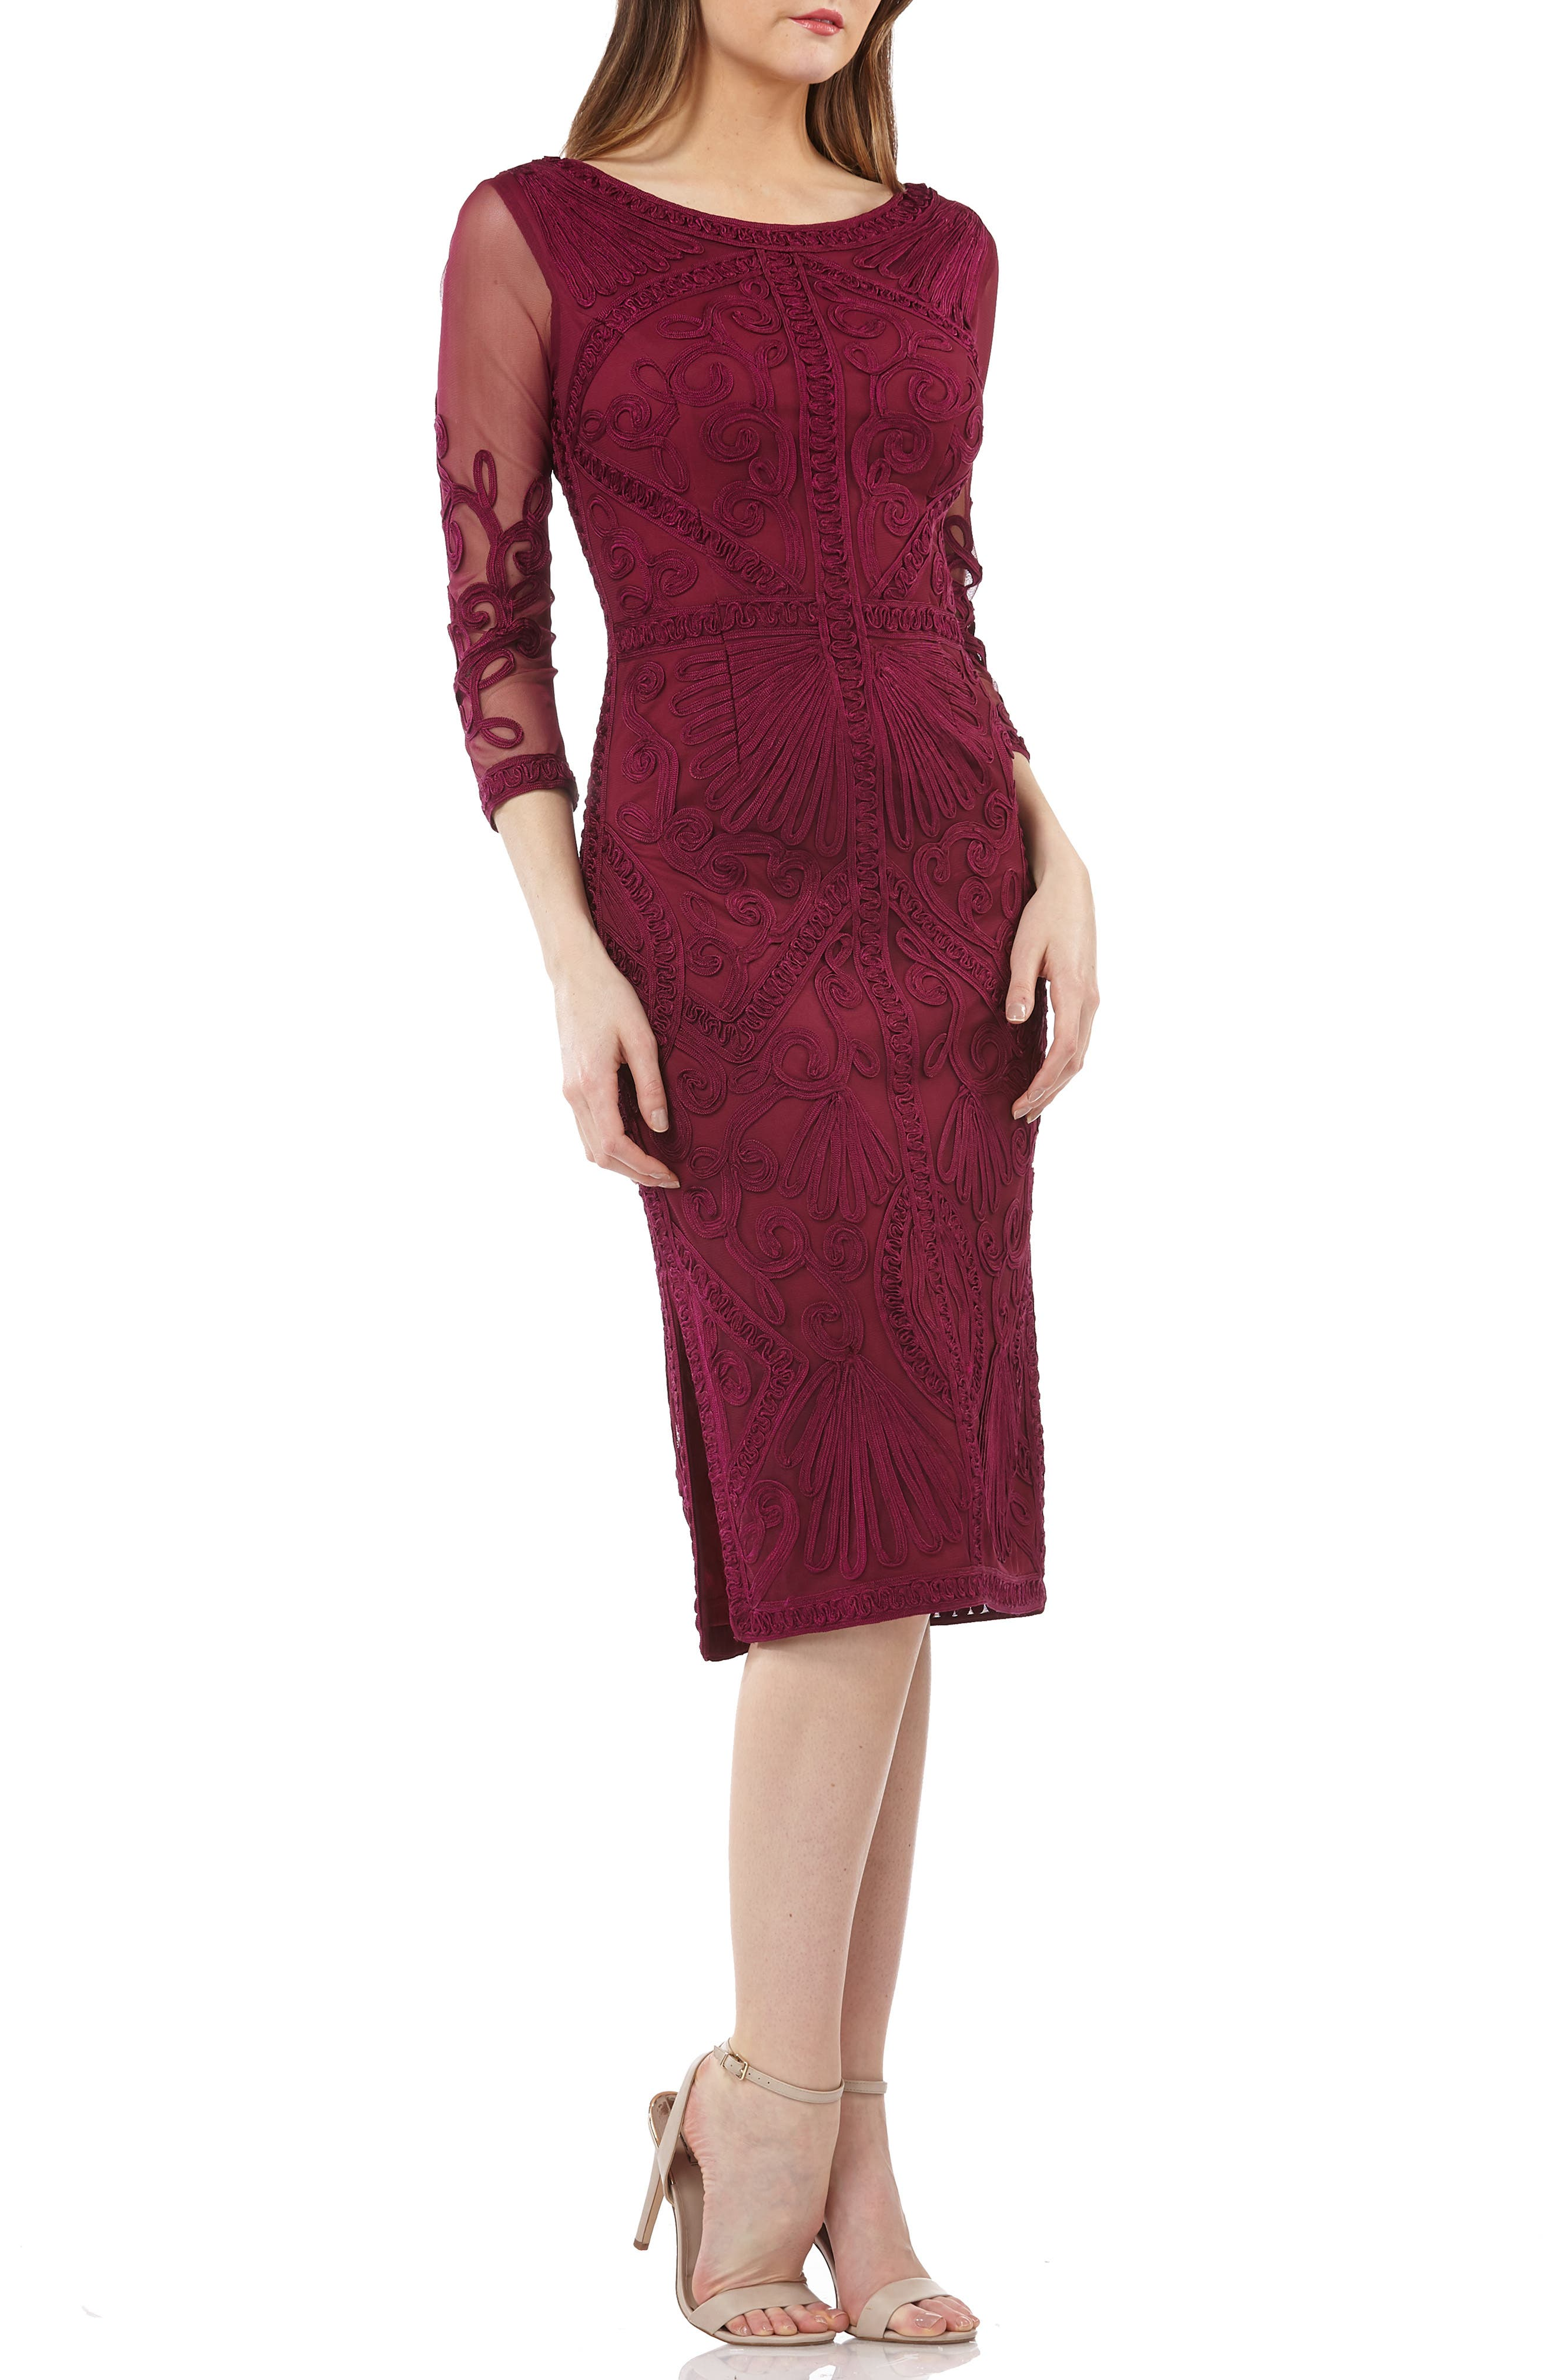 Js Collections Sheer Sleeve Soutache Sheath Dress, Pink